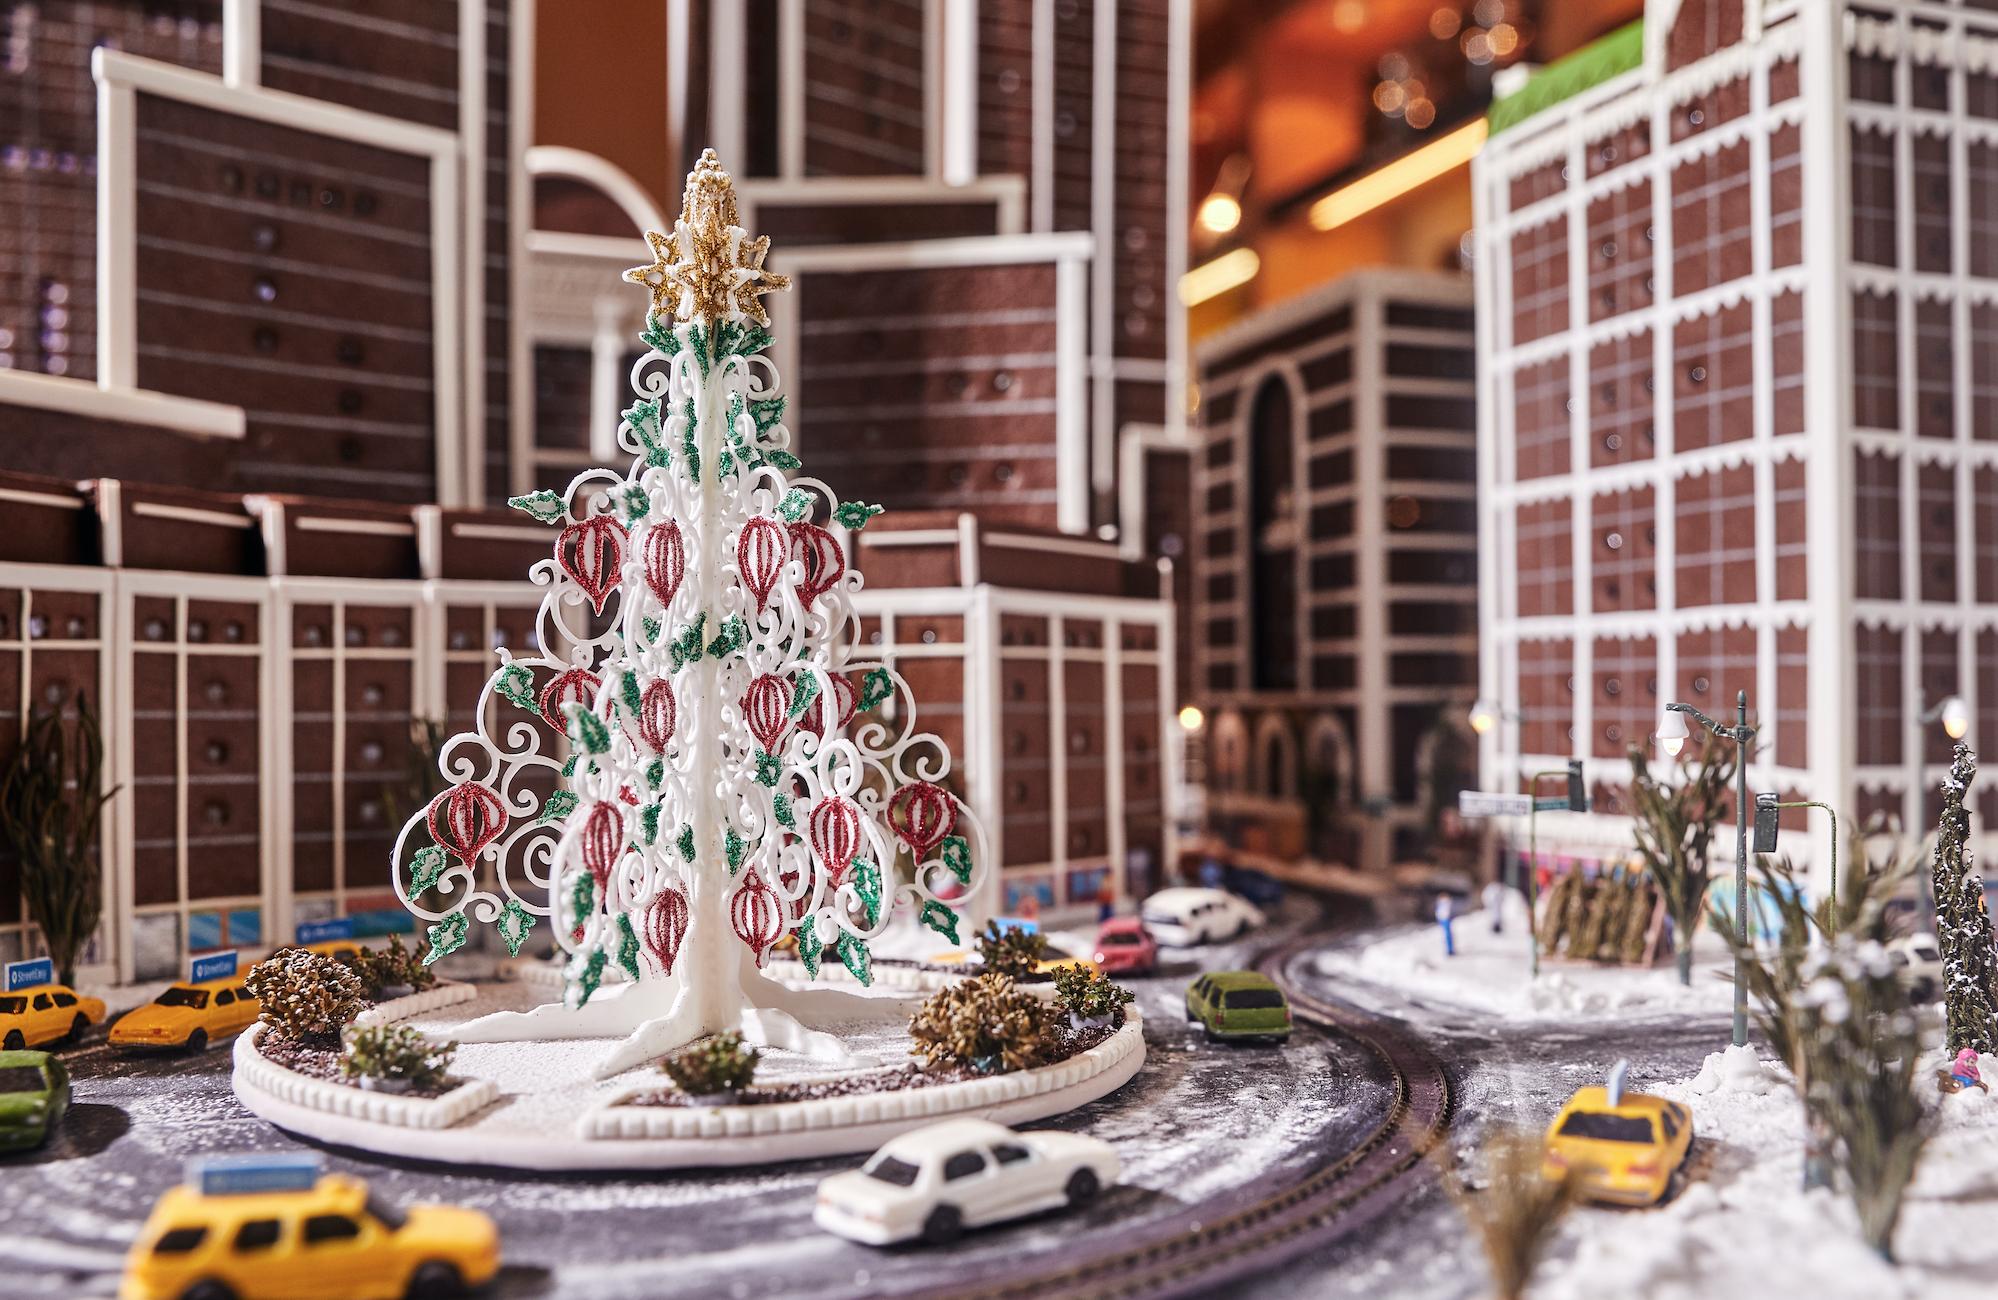 Ο χριστουγεννιάτικος ορίζοντας της Νέας Υόρκης φτιαγμένος από… μπισκότο! | tlife.gr